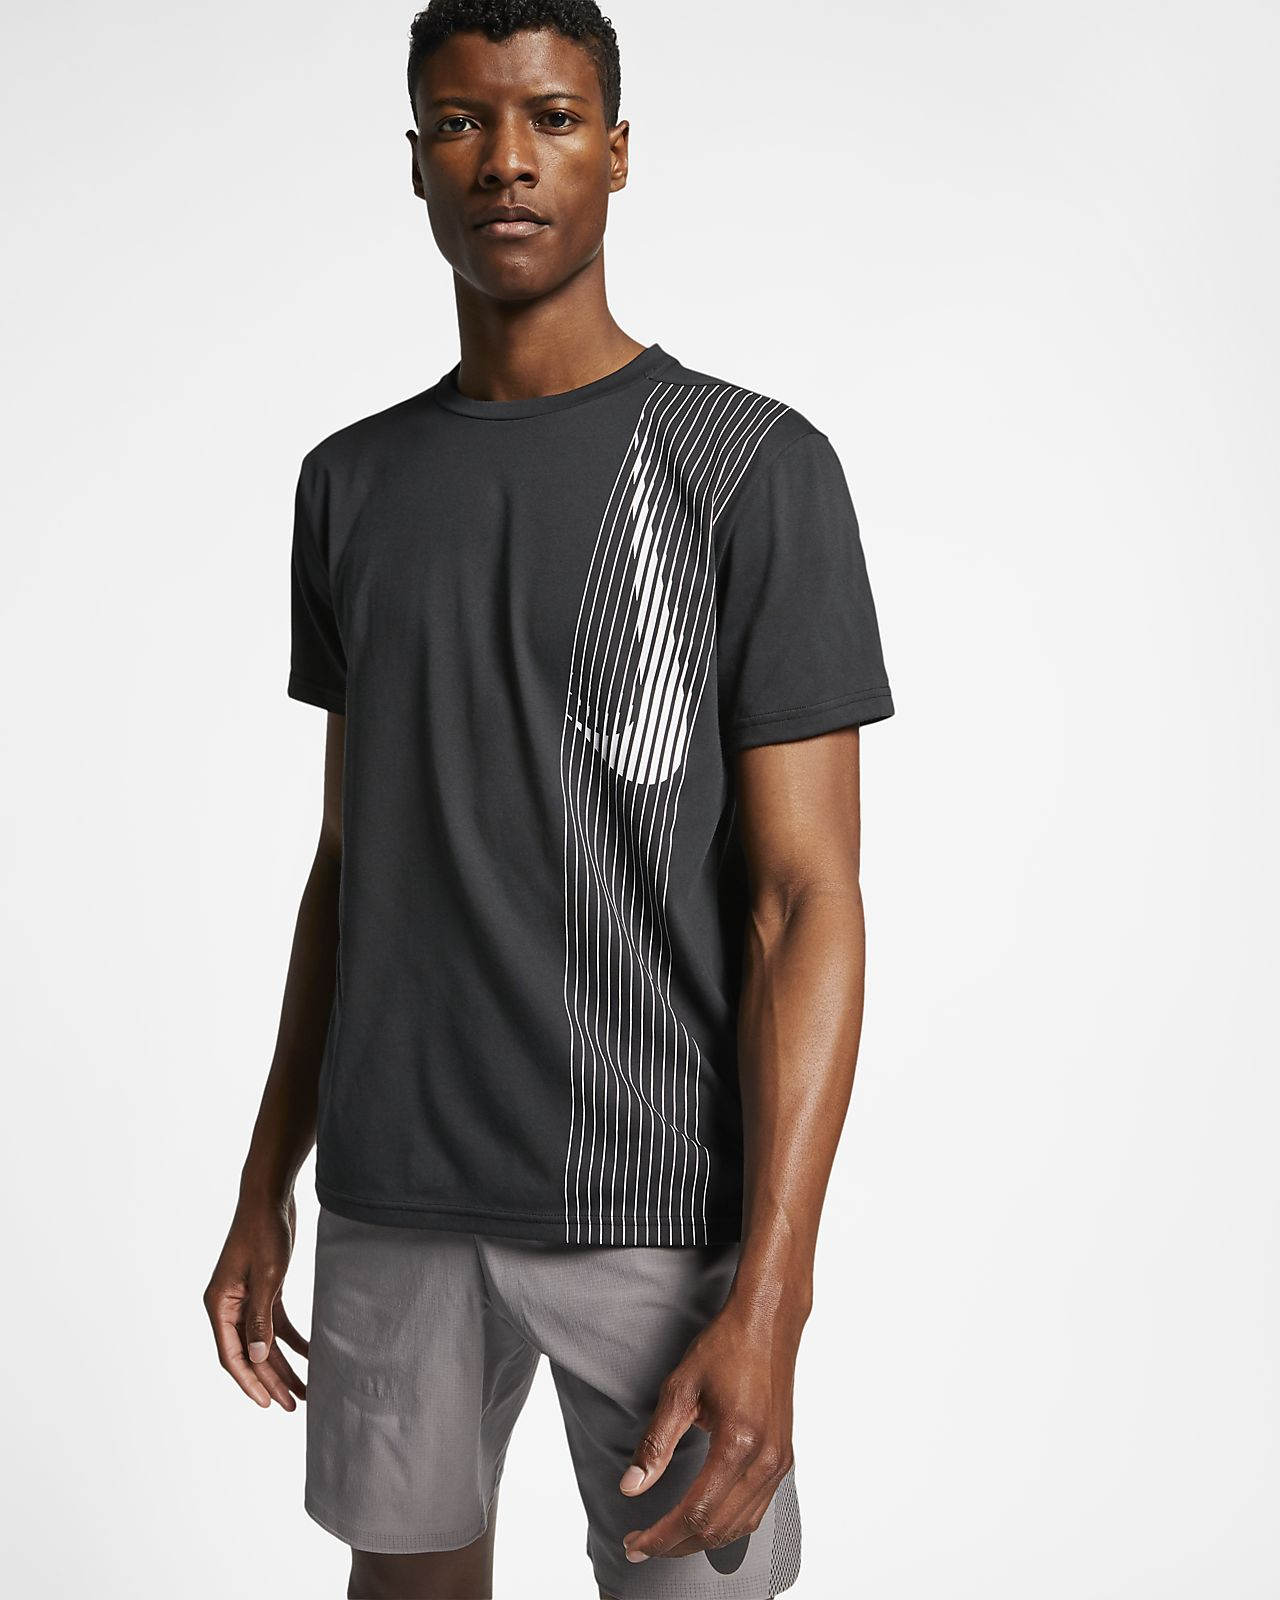 Nike Dri-FIT Kısa Kollu Erkek Antrenman Üstü